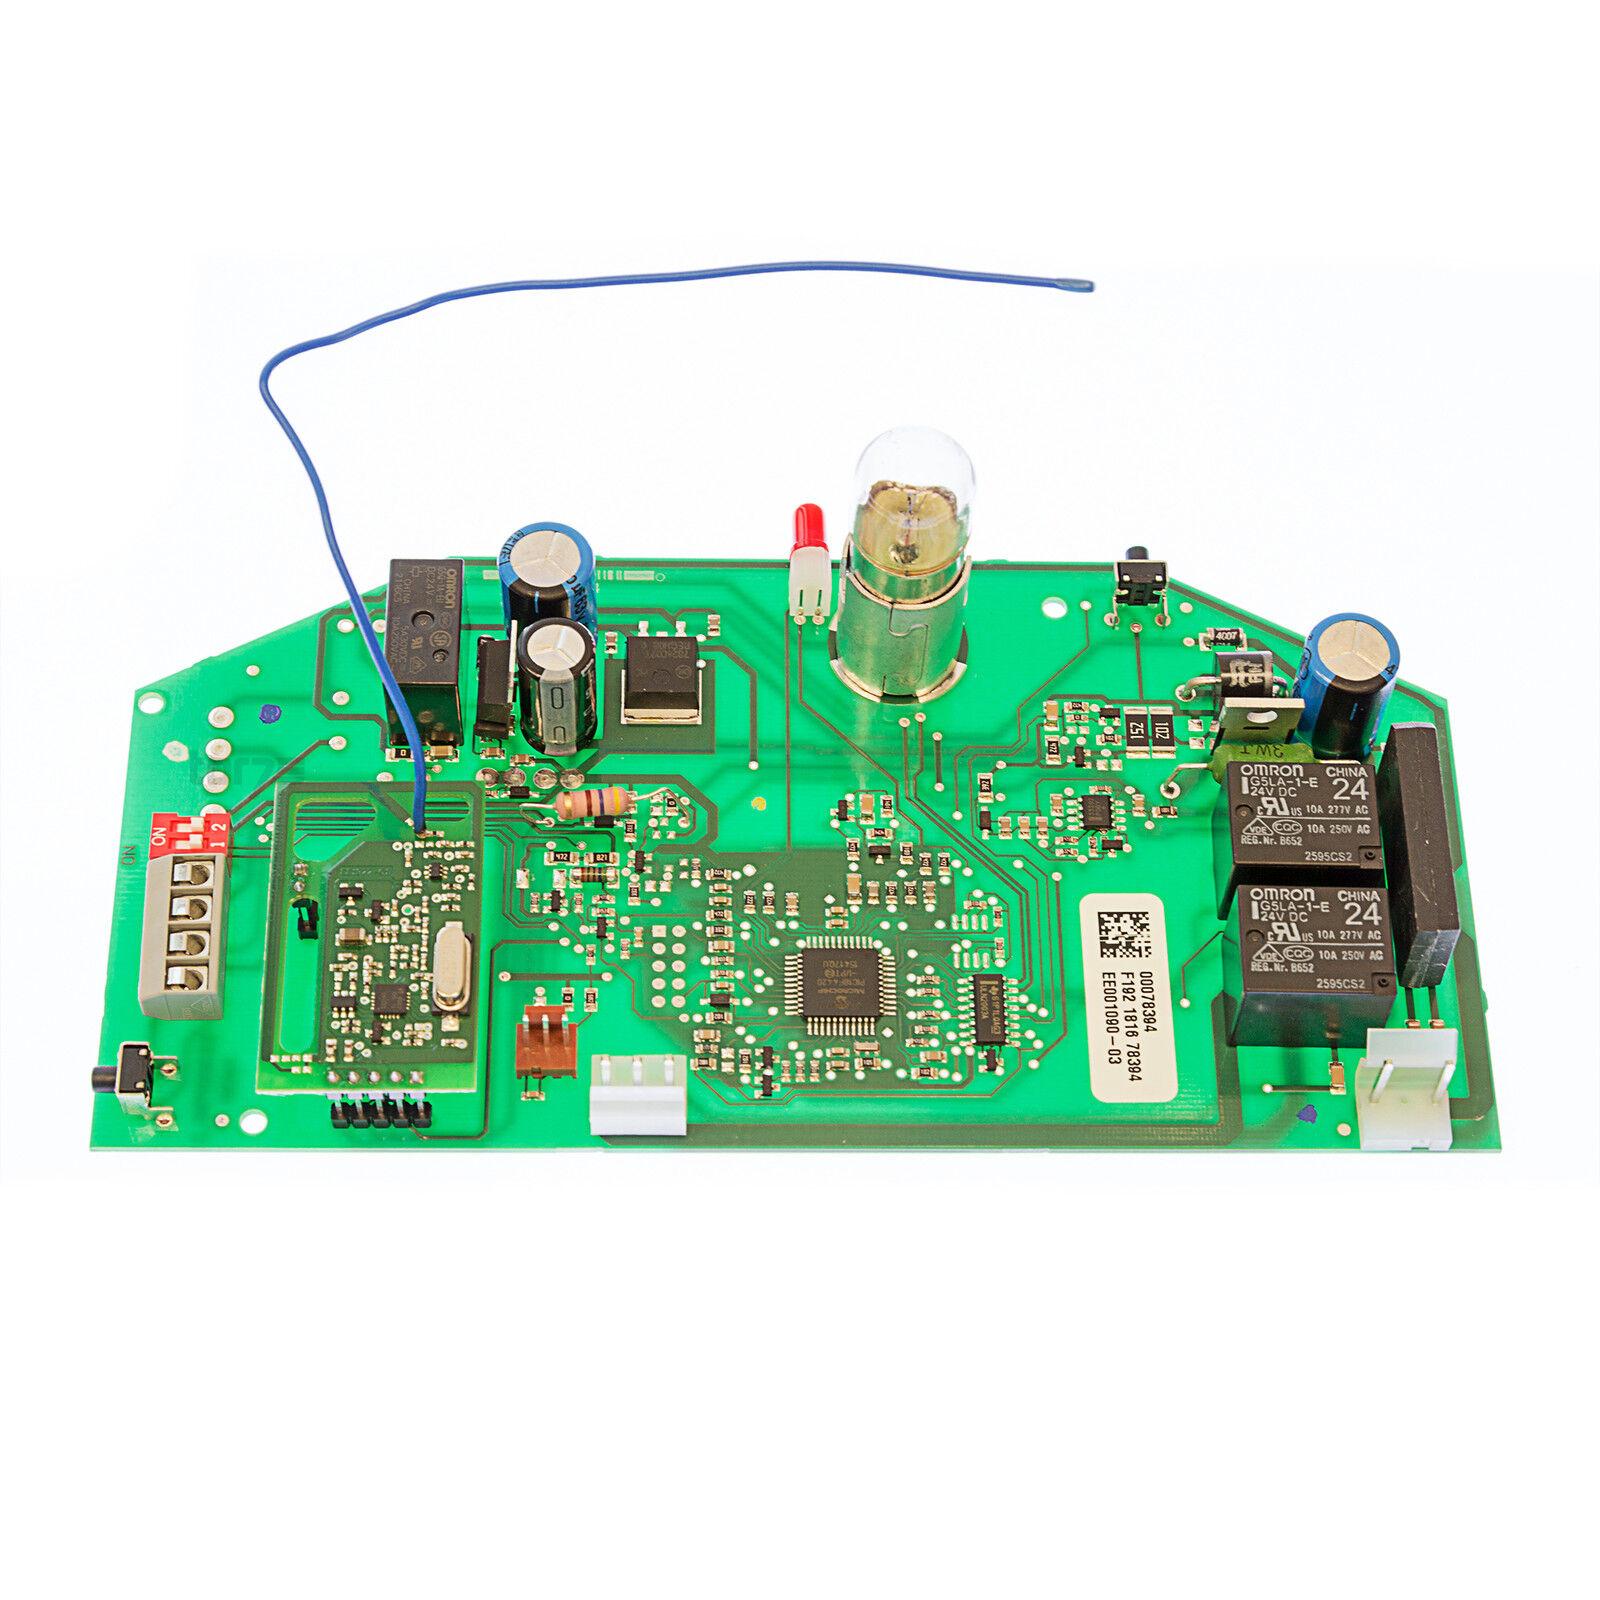 Hörmann Platine für Garagentorantrieb EcoStar Liftronic 500 Ersatzteil 433 MHz